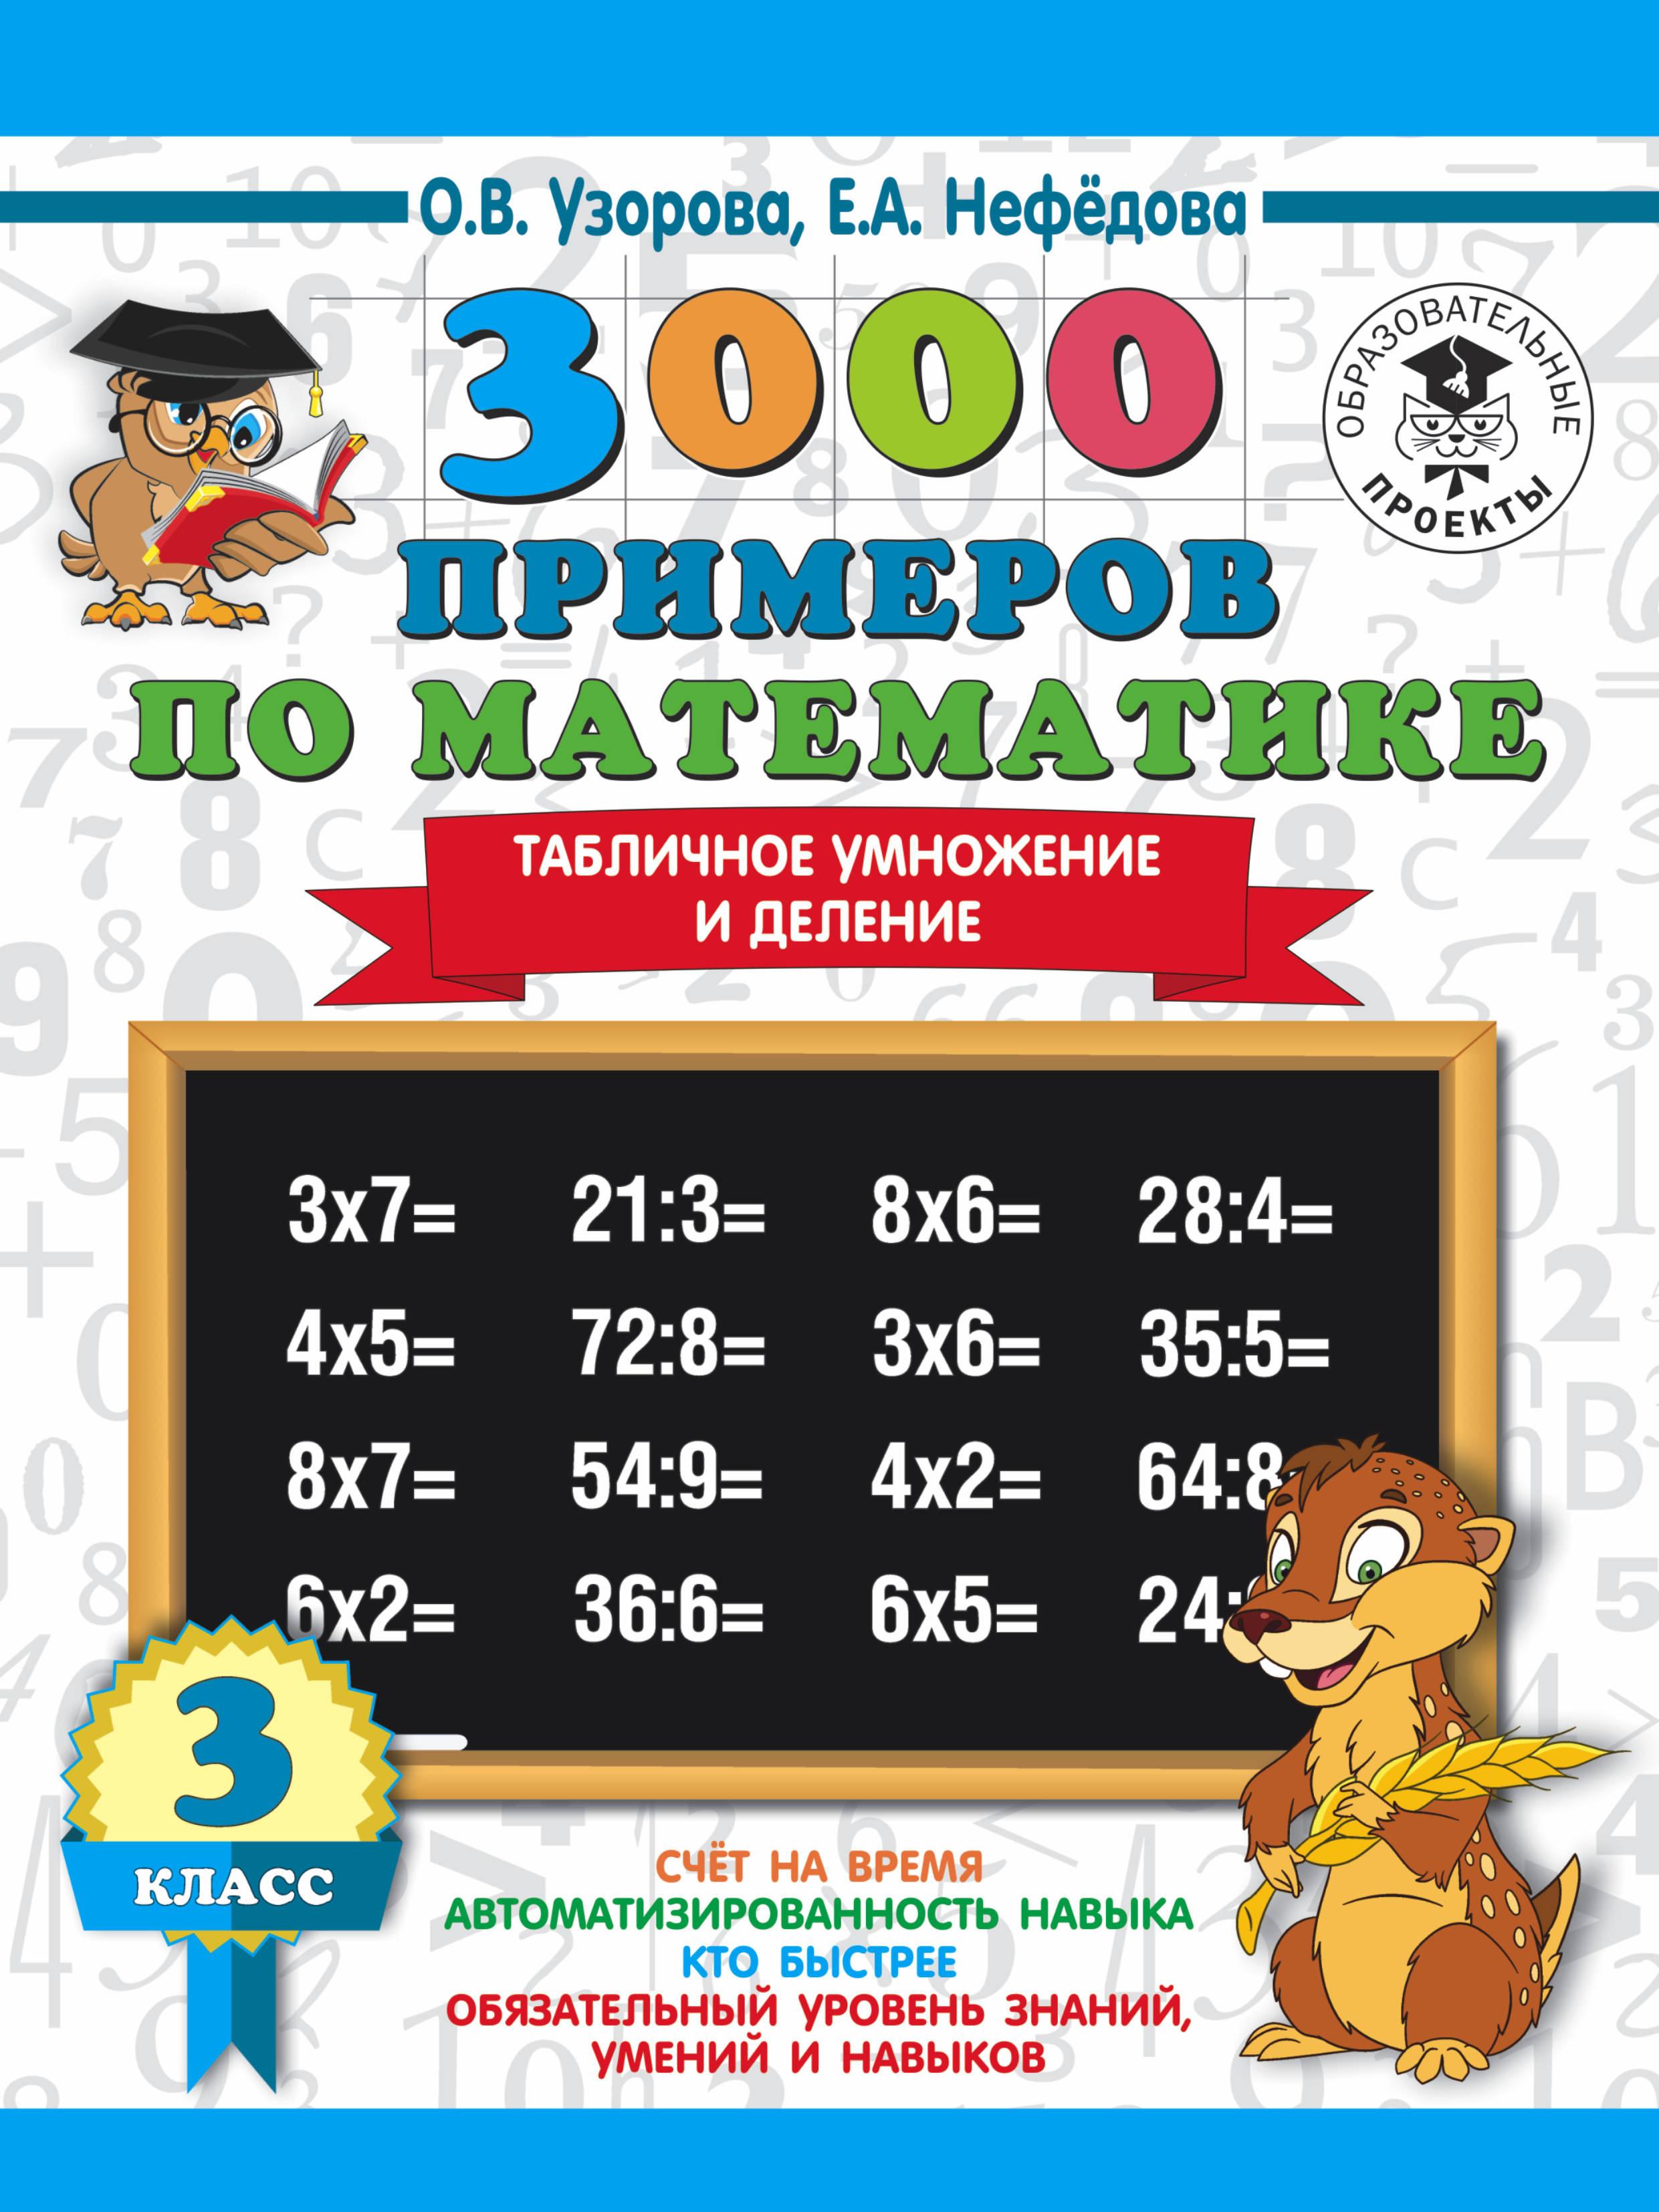 О.В. Узорова, Е.А. Нефедова 3000 примеров по математике. Табличное умножение и деление. 3 класс узорова о нефедова е 3000 примеров по математике 2 класс устный счет табличное умножение и деление